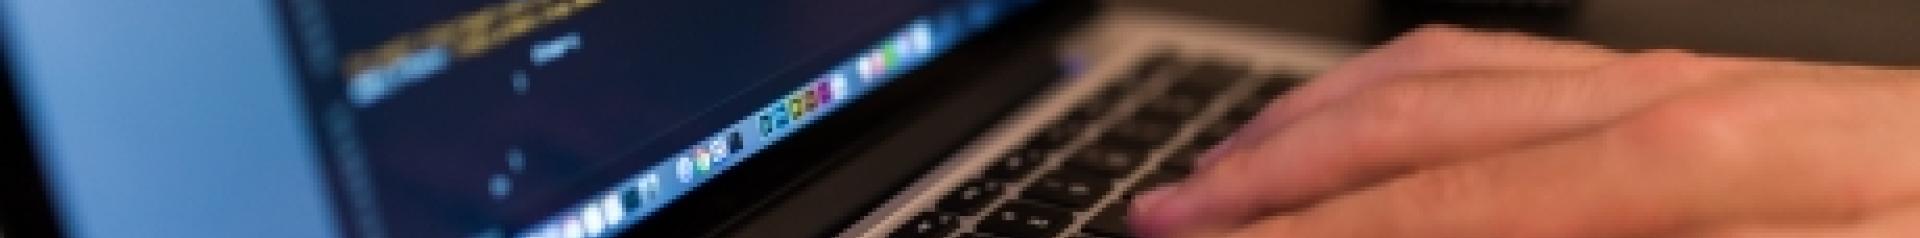 La banda ancha de alta velocidad permite un uso intensivo de internet